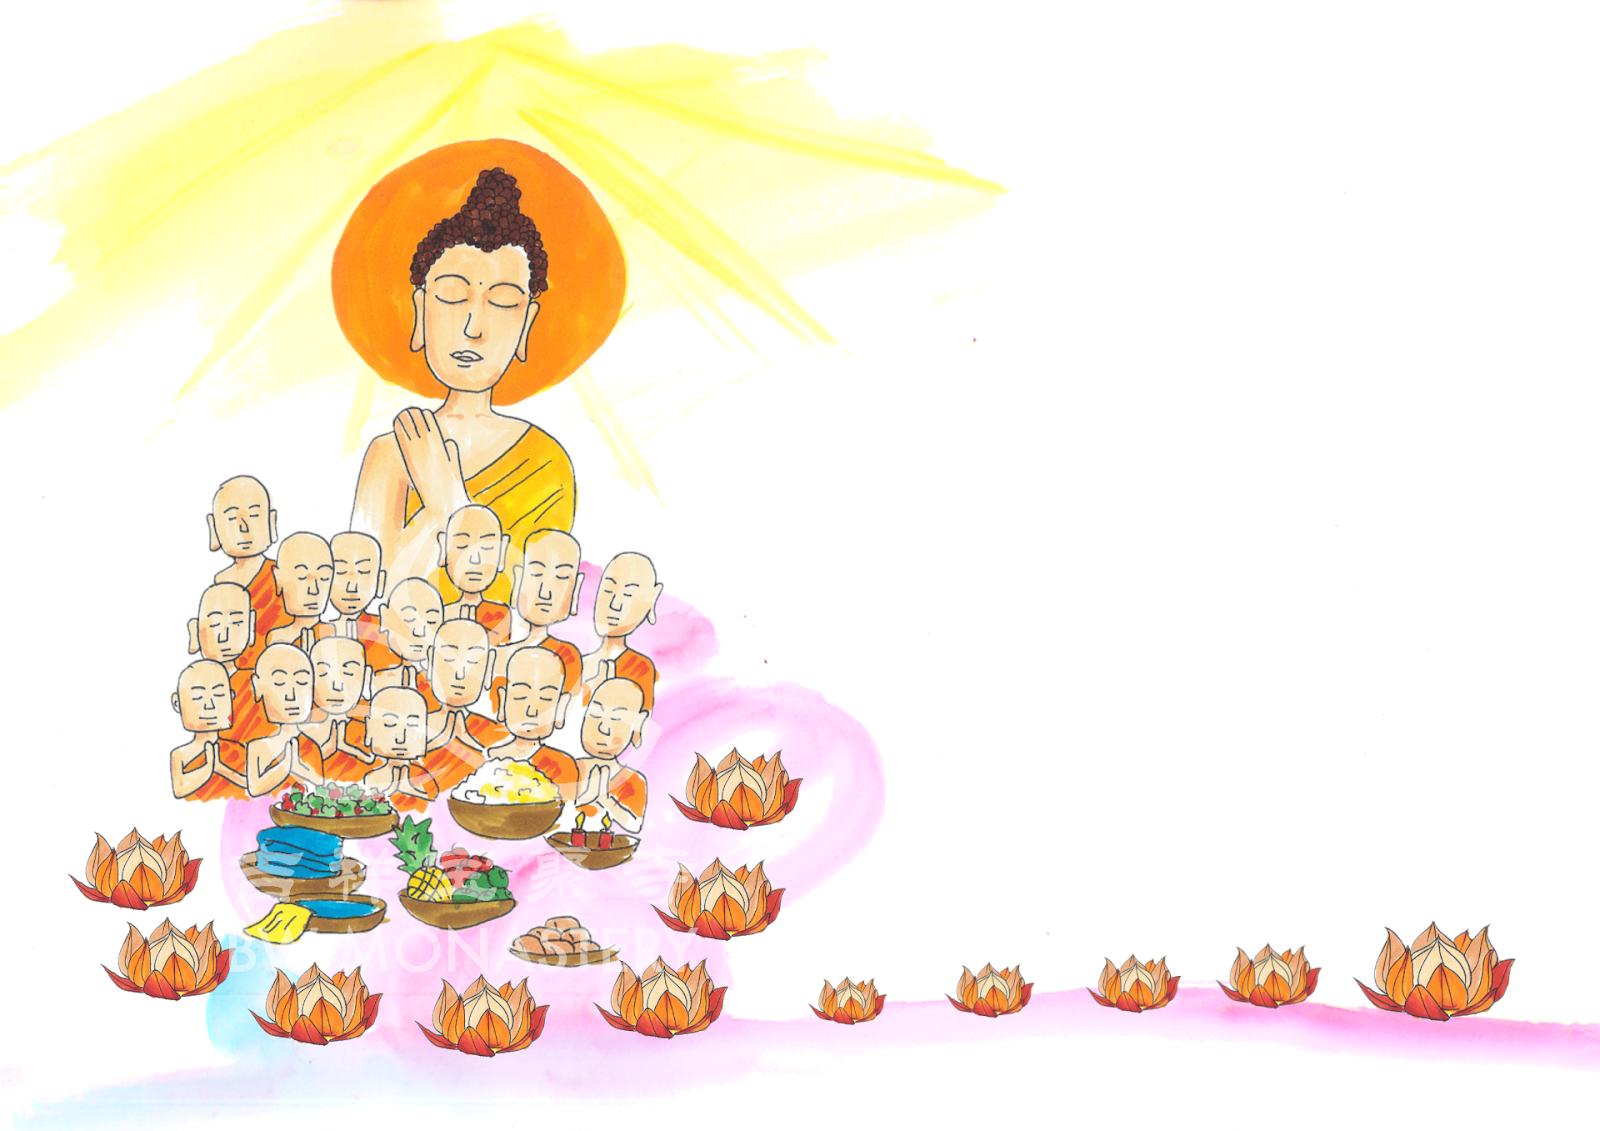 (Illustrated by CHONG YULIN)